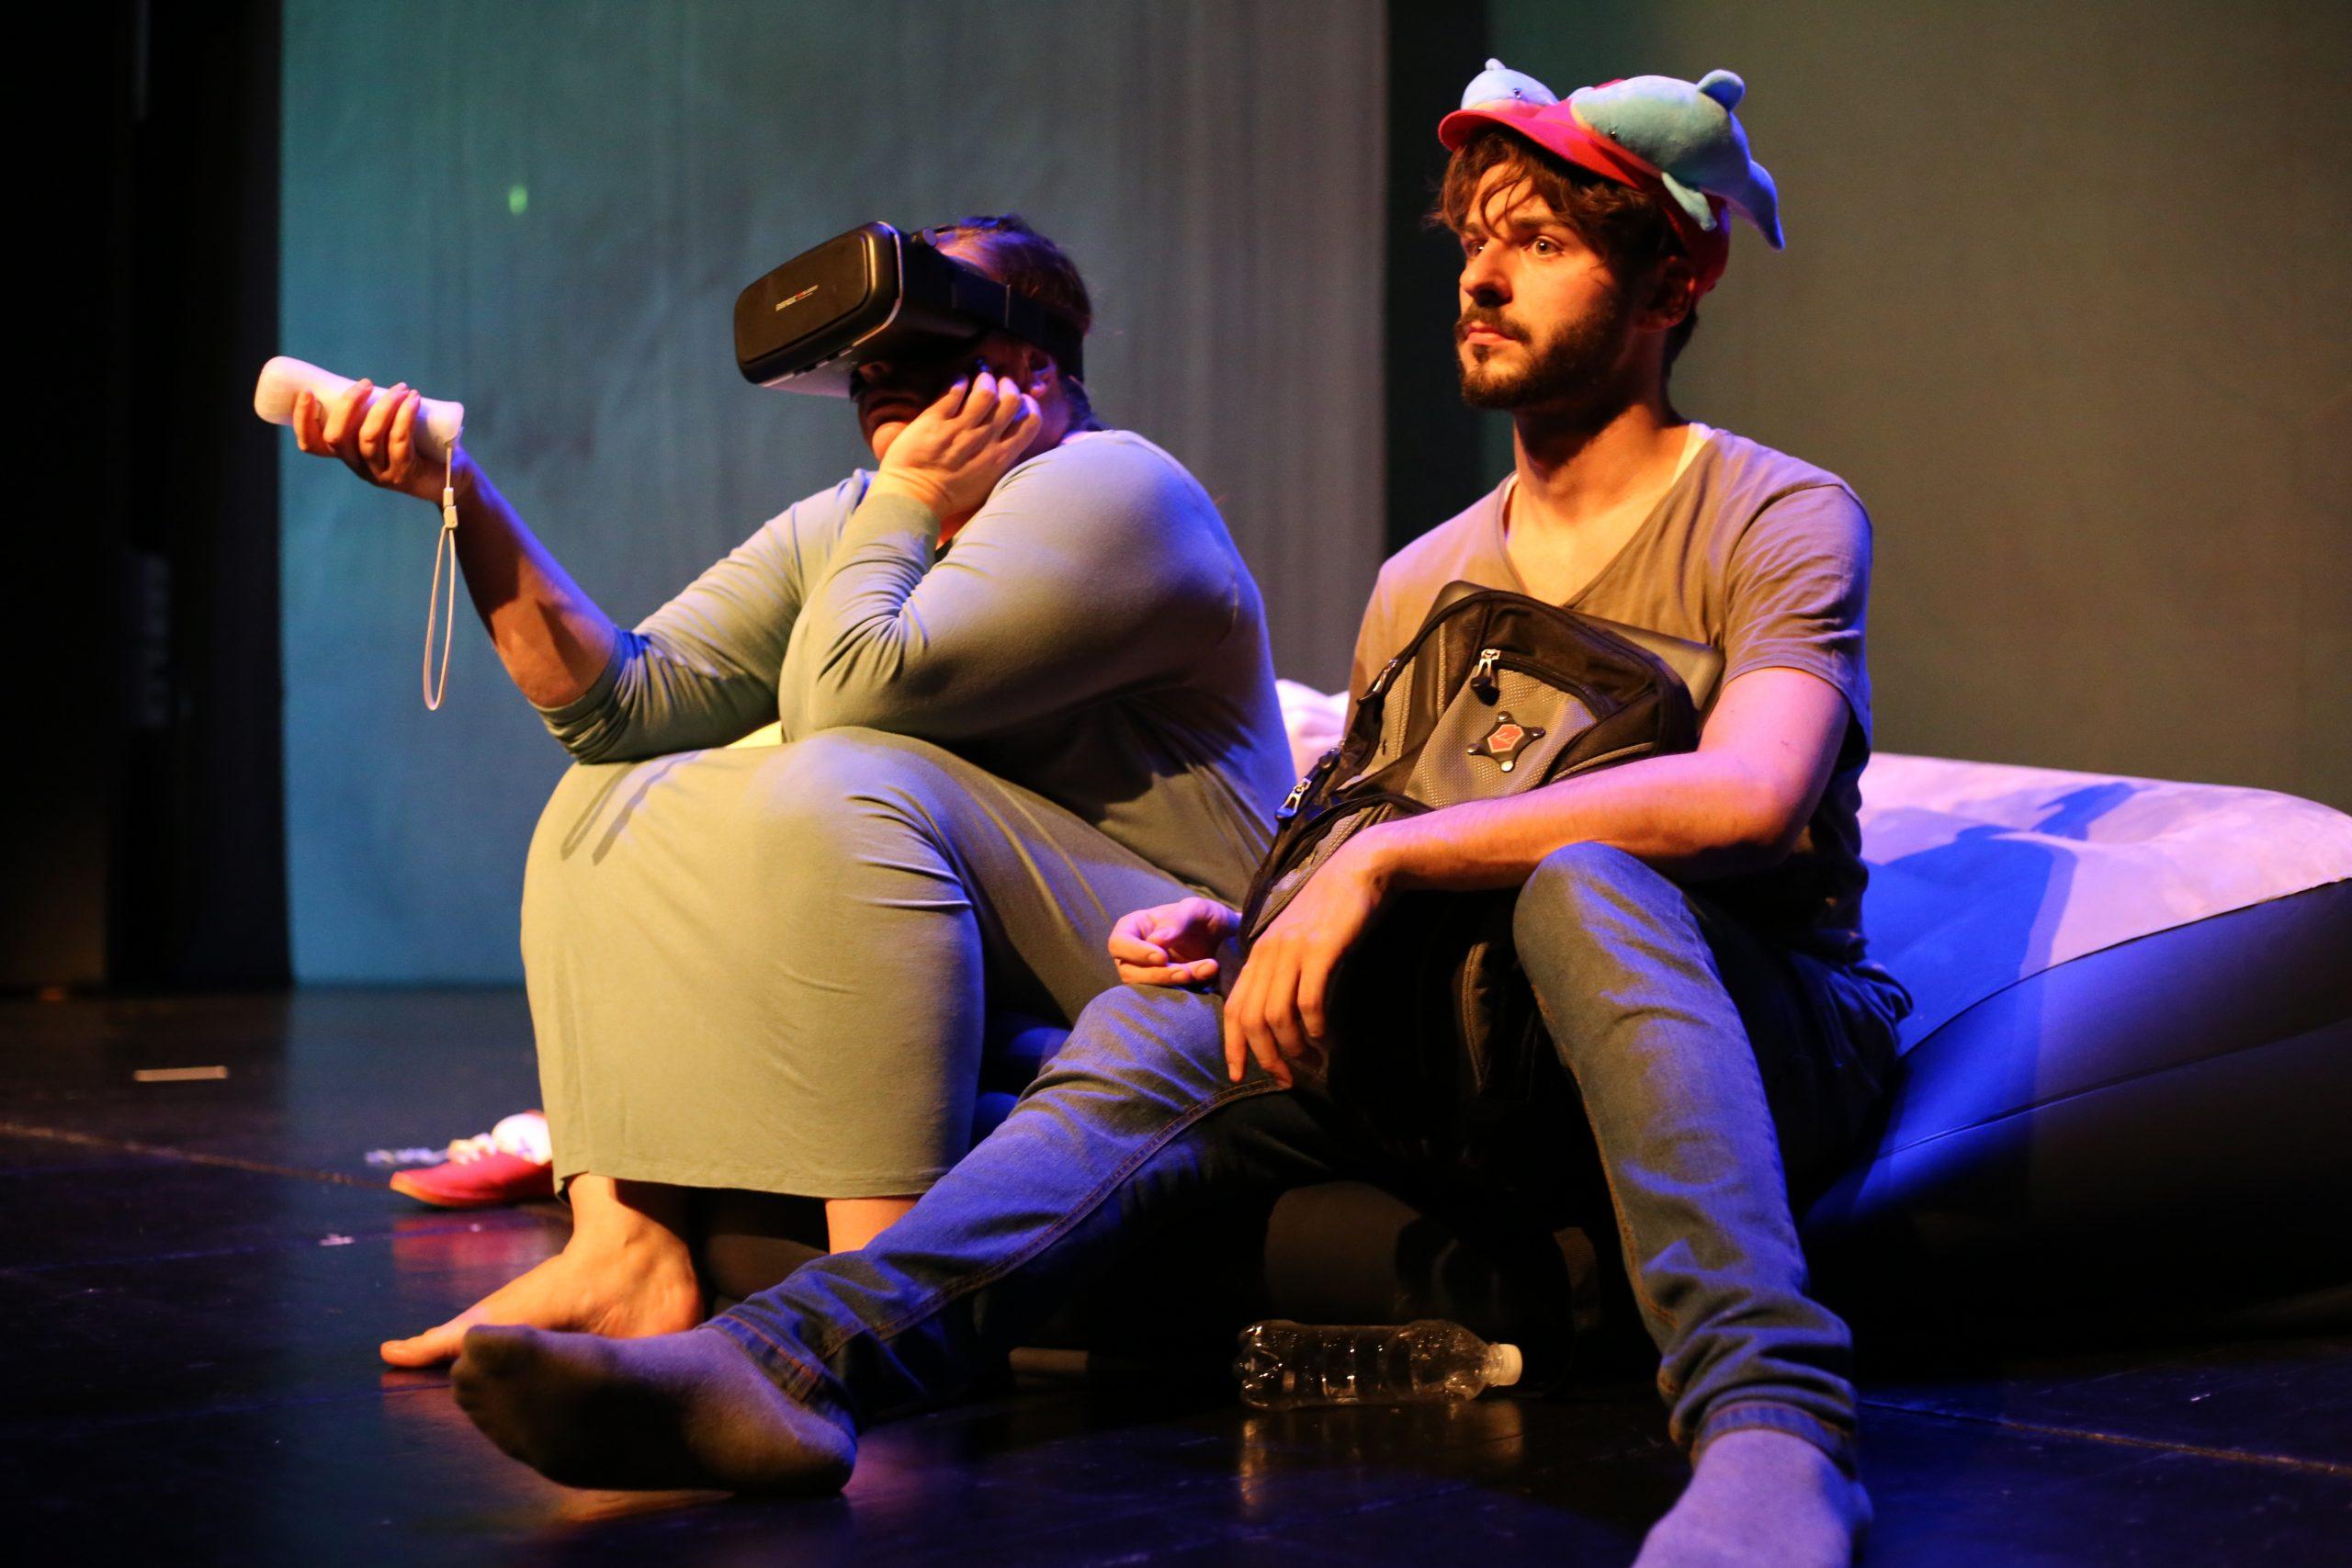 Bijeg u virtualnu stvarnost